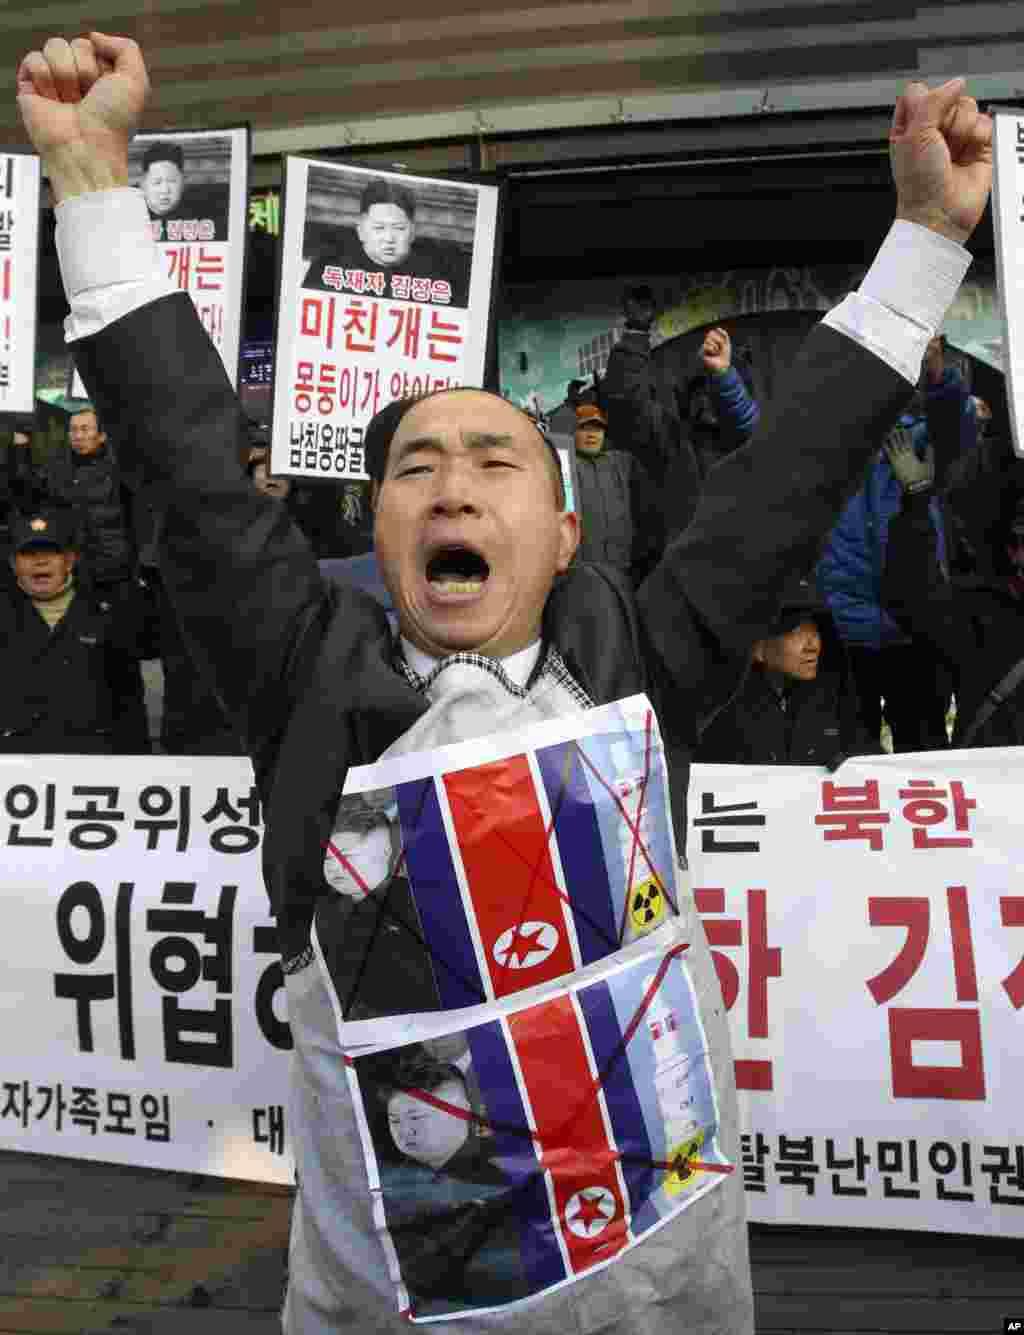 12일 한국 서울에서 열린 북한 로켓 발사 규탄 시위에서 시민단체 회원.